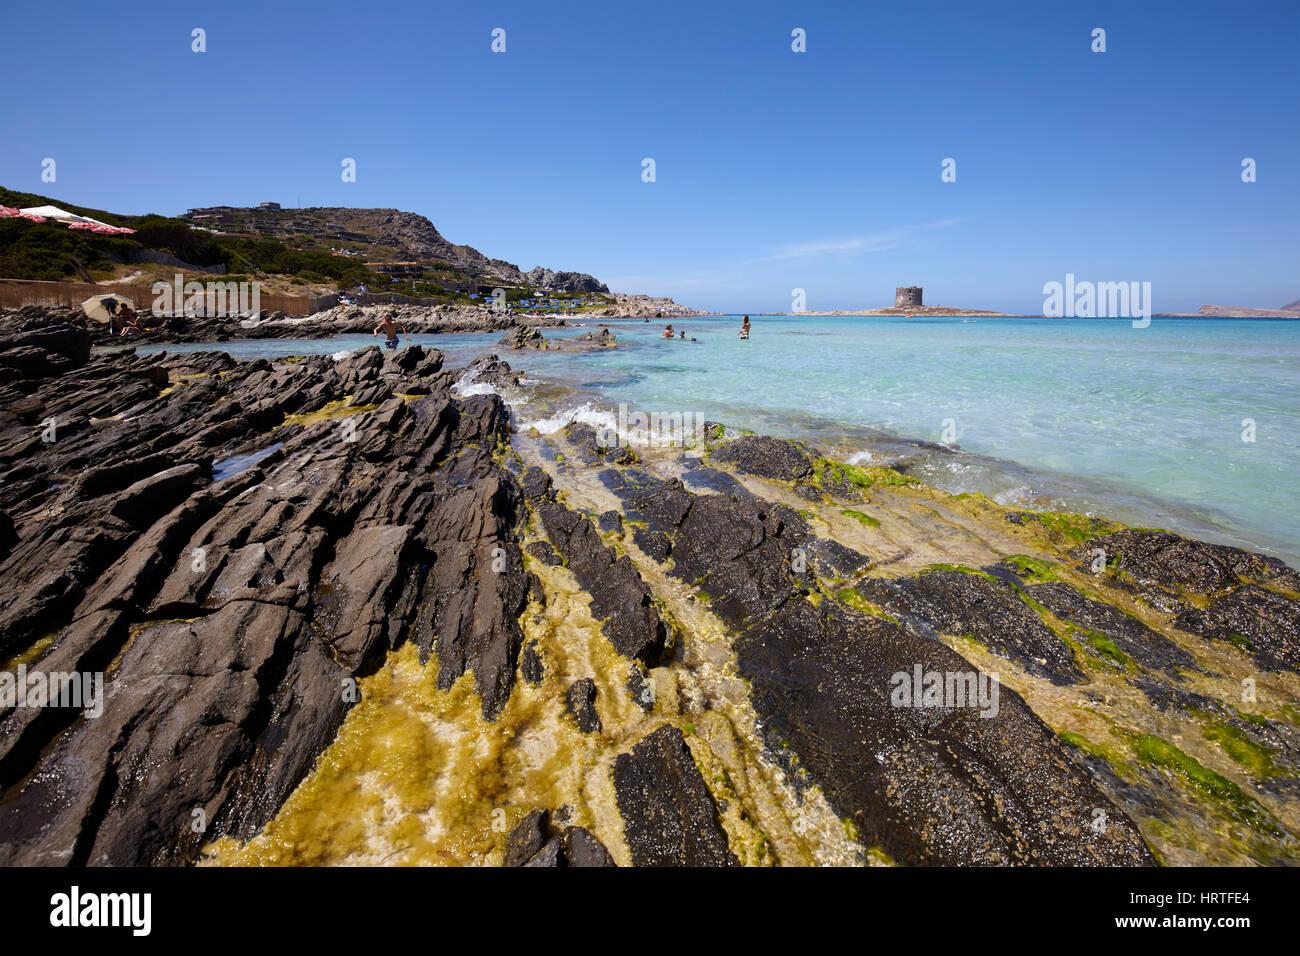 El mar en Stintino con la torre de la Pelosa, Cerdeña, Italia Imagen De Stock